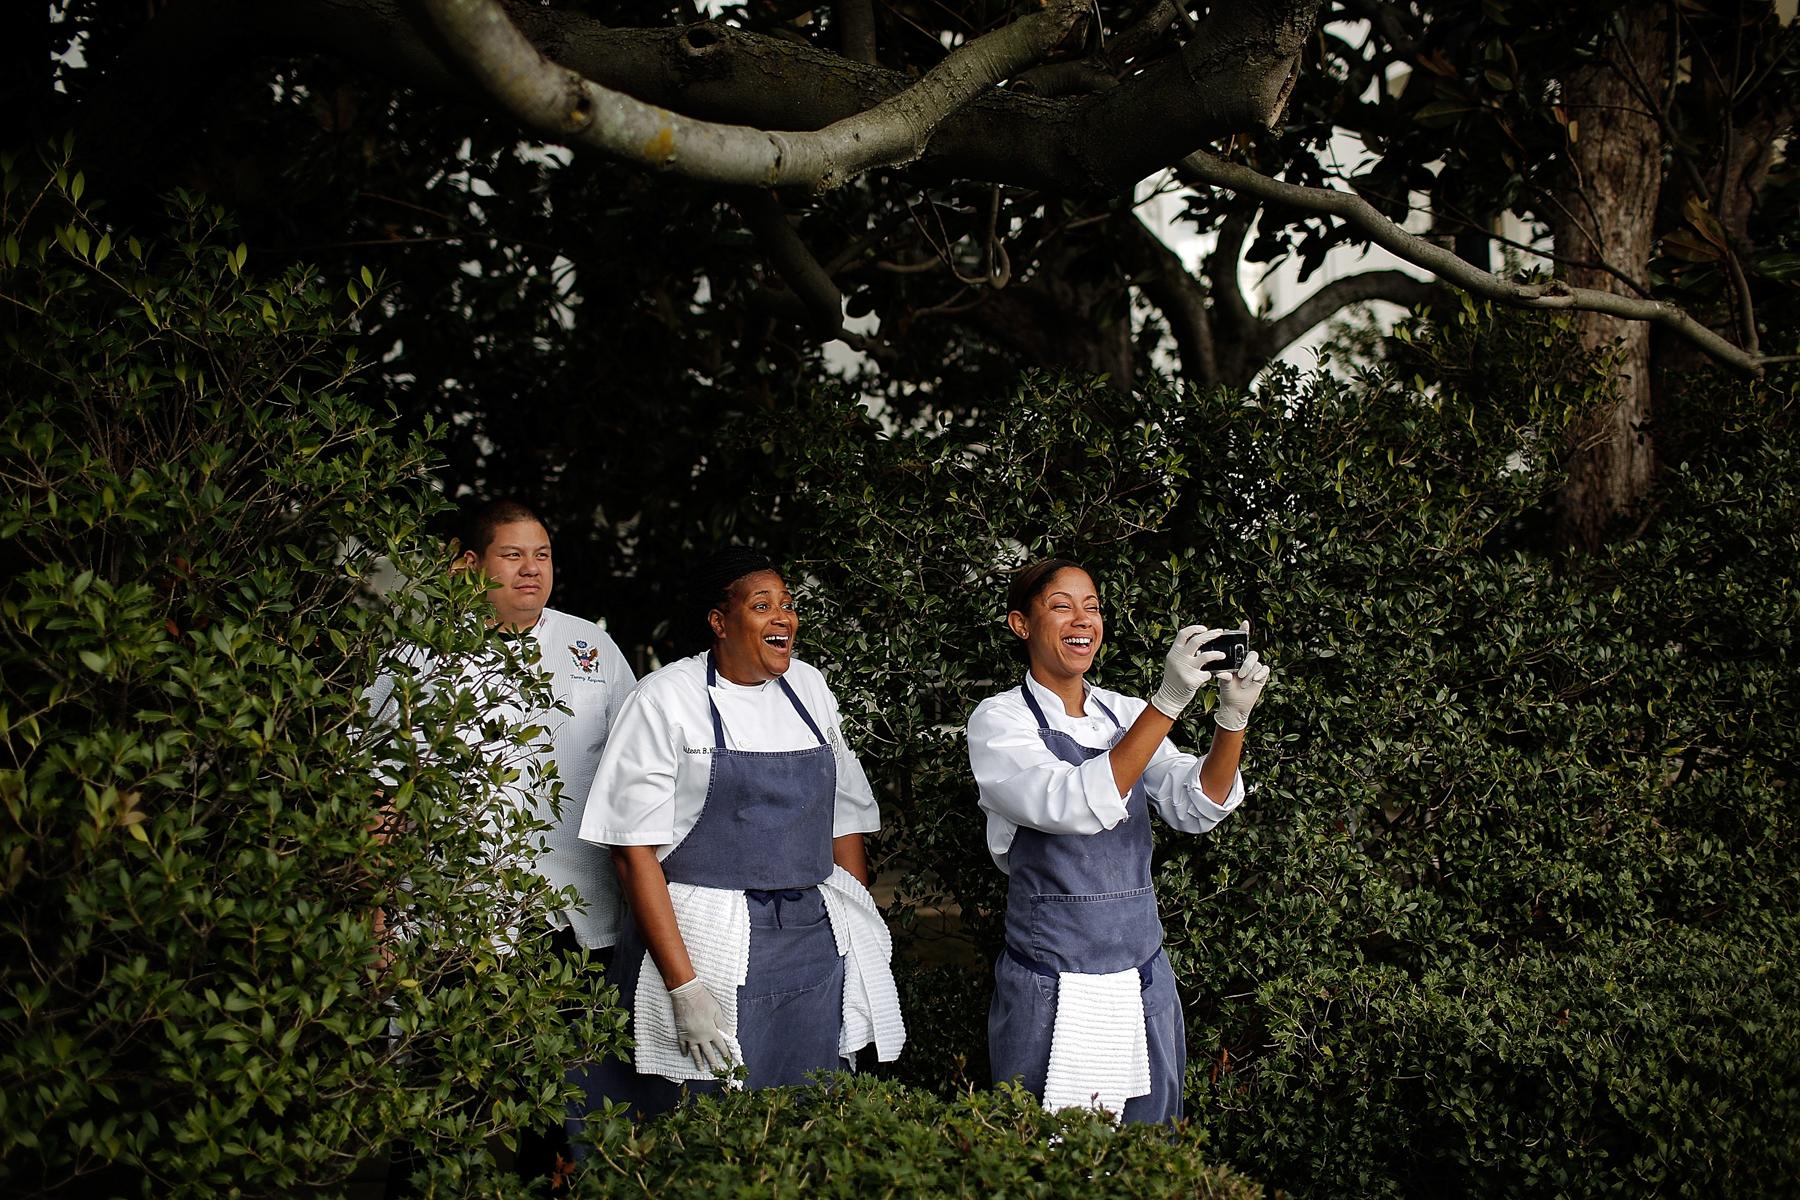 Tres personas junto a unos arbustos, una tomando una foto con una cámara (© Getty Images/Win McNamee)